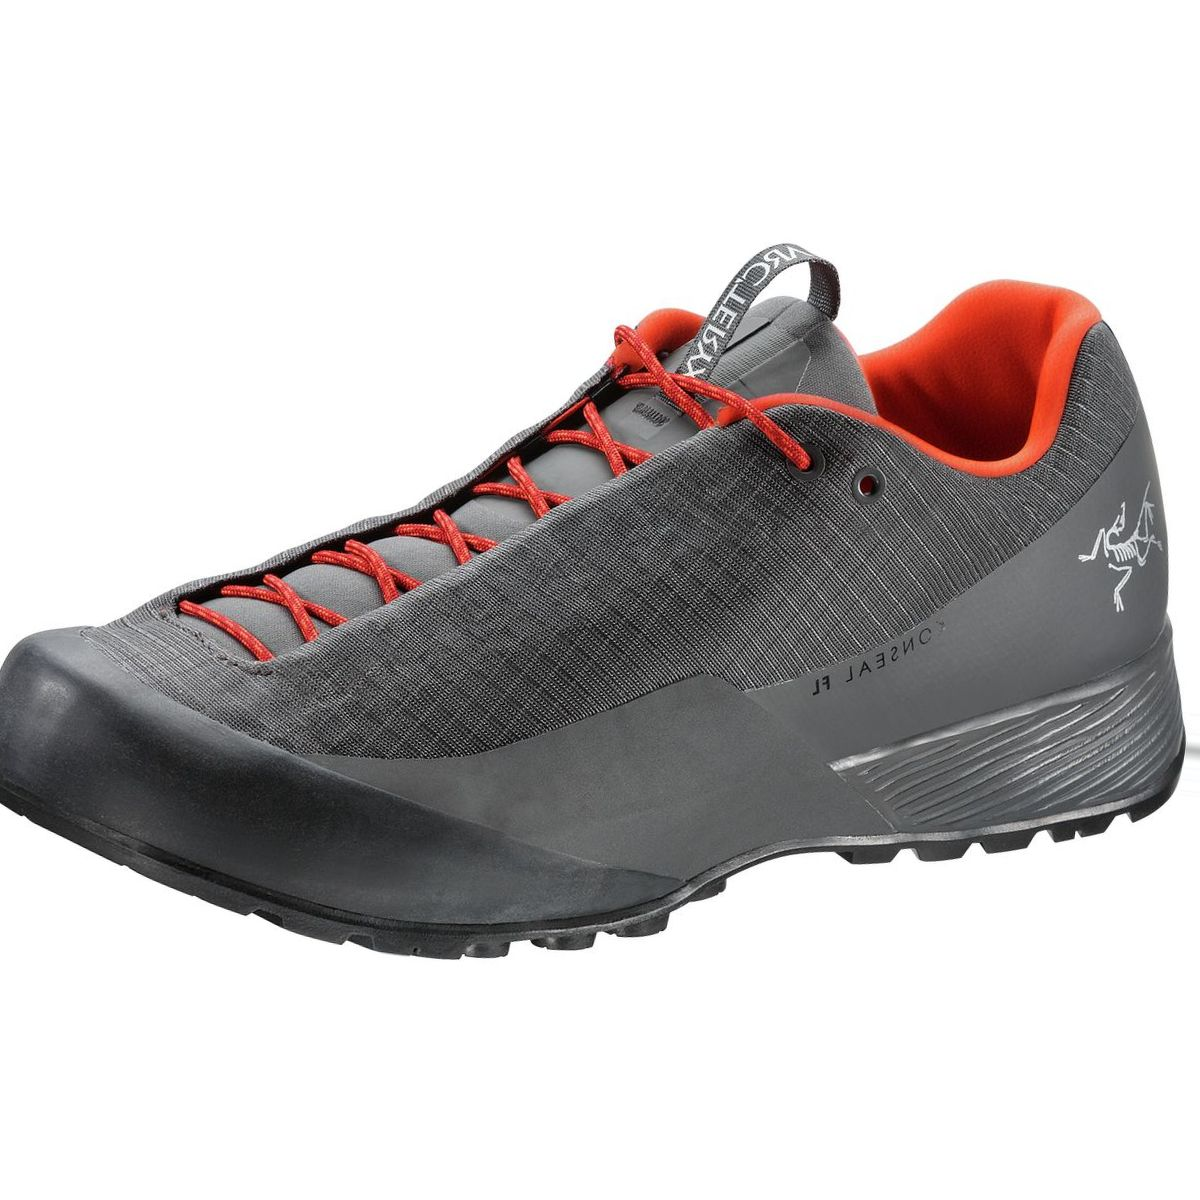 Arc'teryx Konseal FL GTX Approach Shoe - Men's